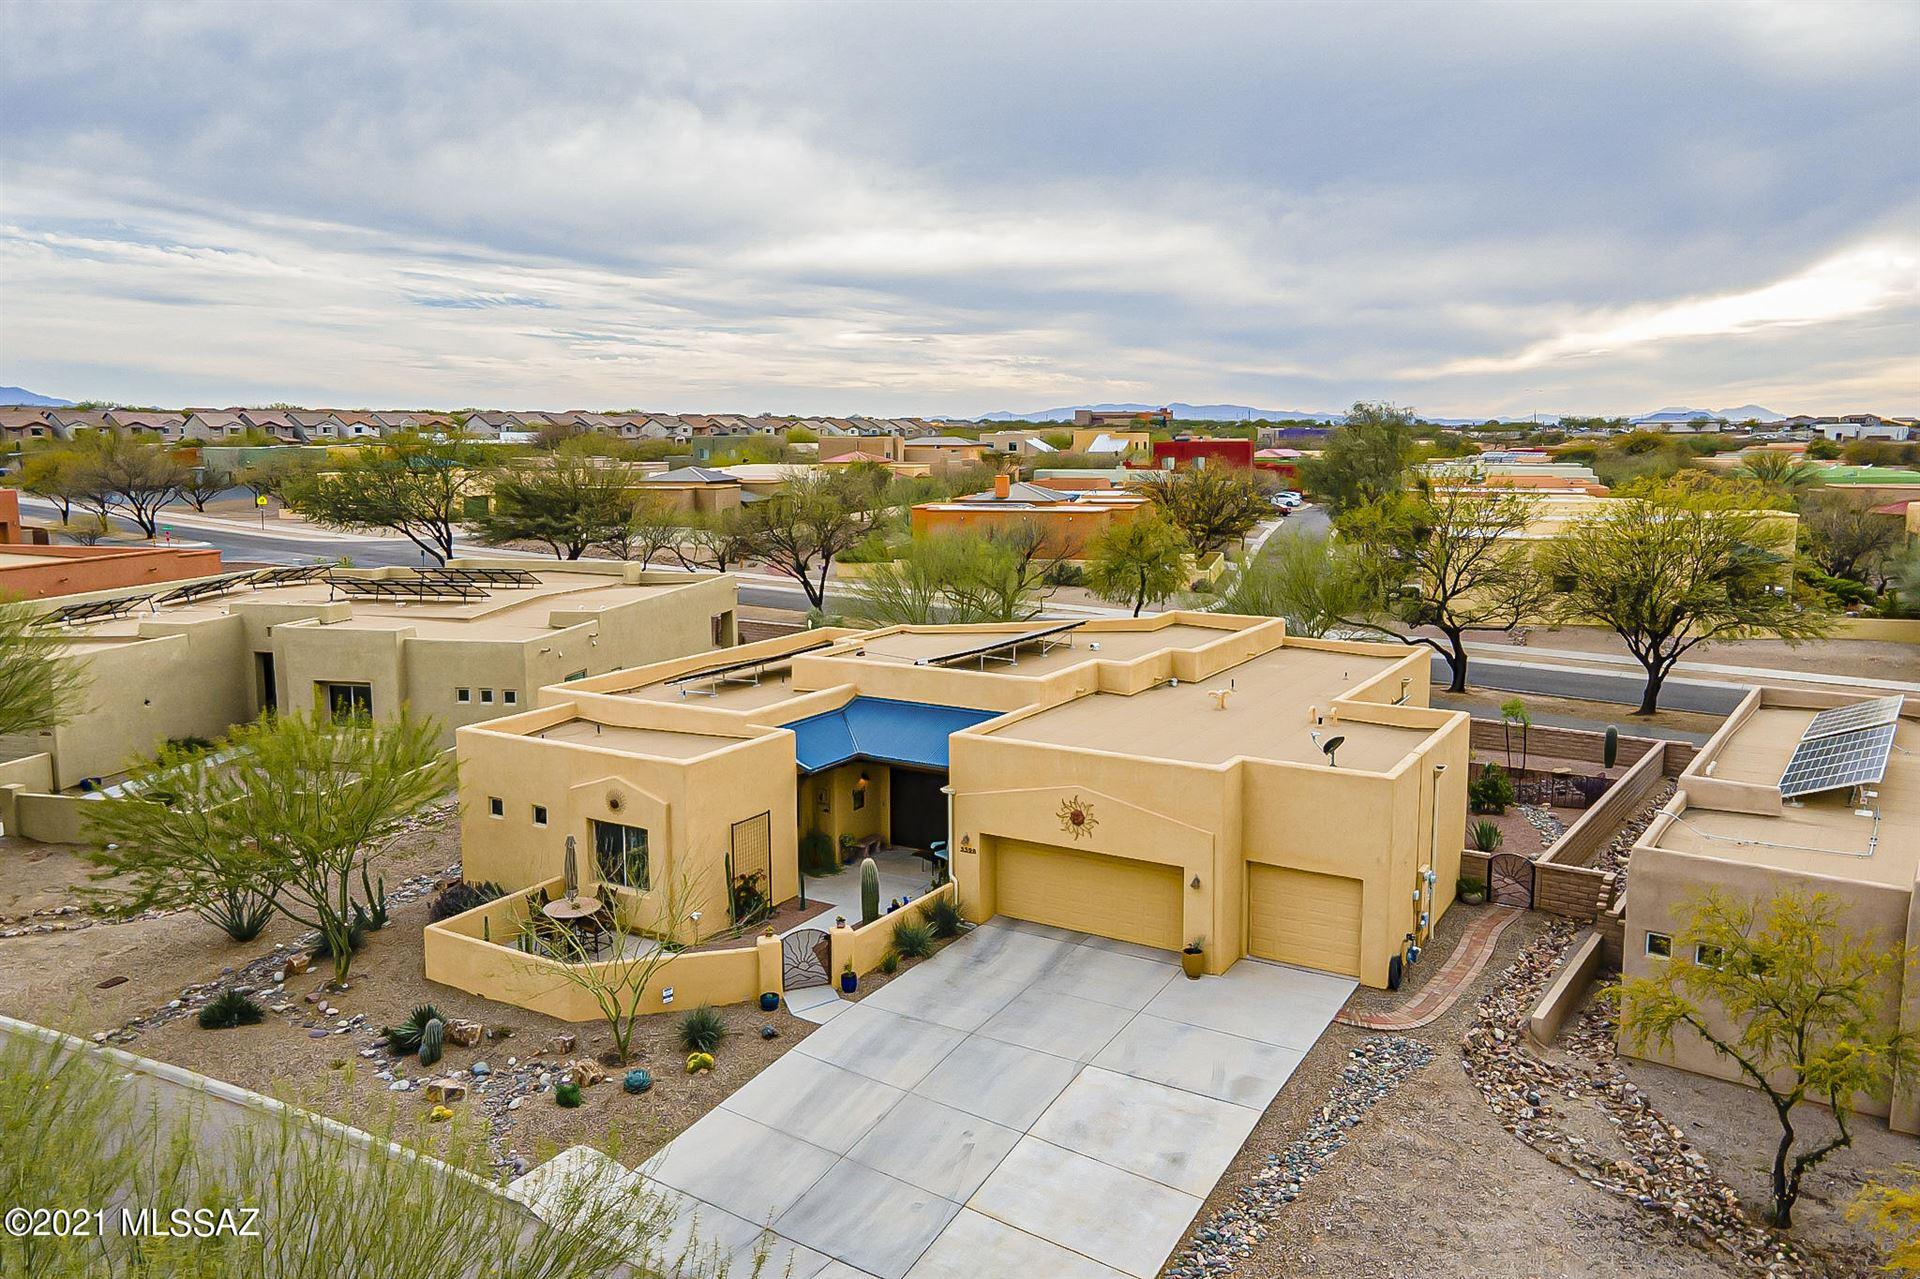 5598 S Creosote Ridge Way, Tucson, AZ 85747 - MLS#: 22108214